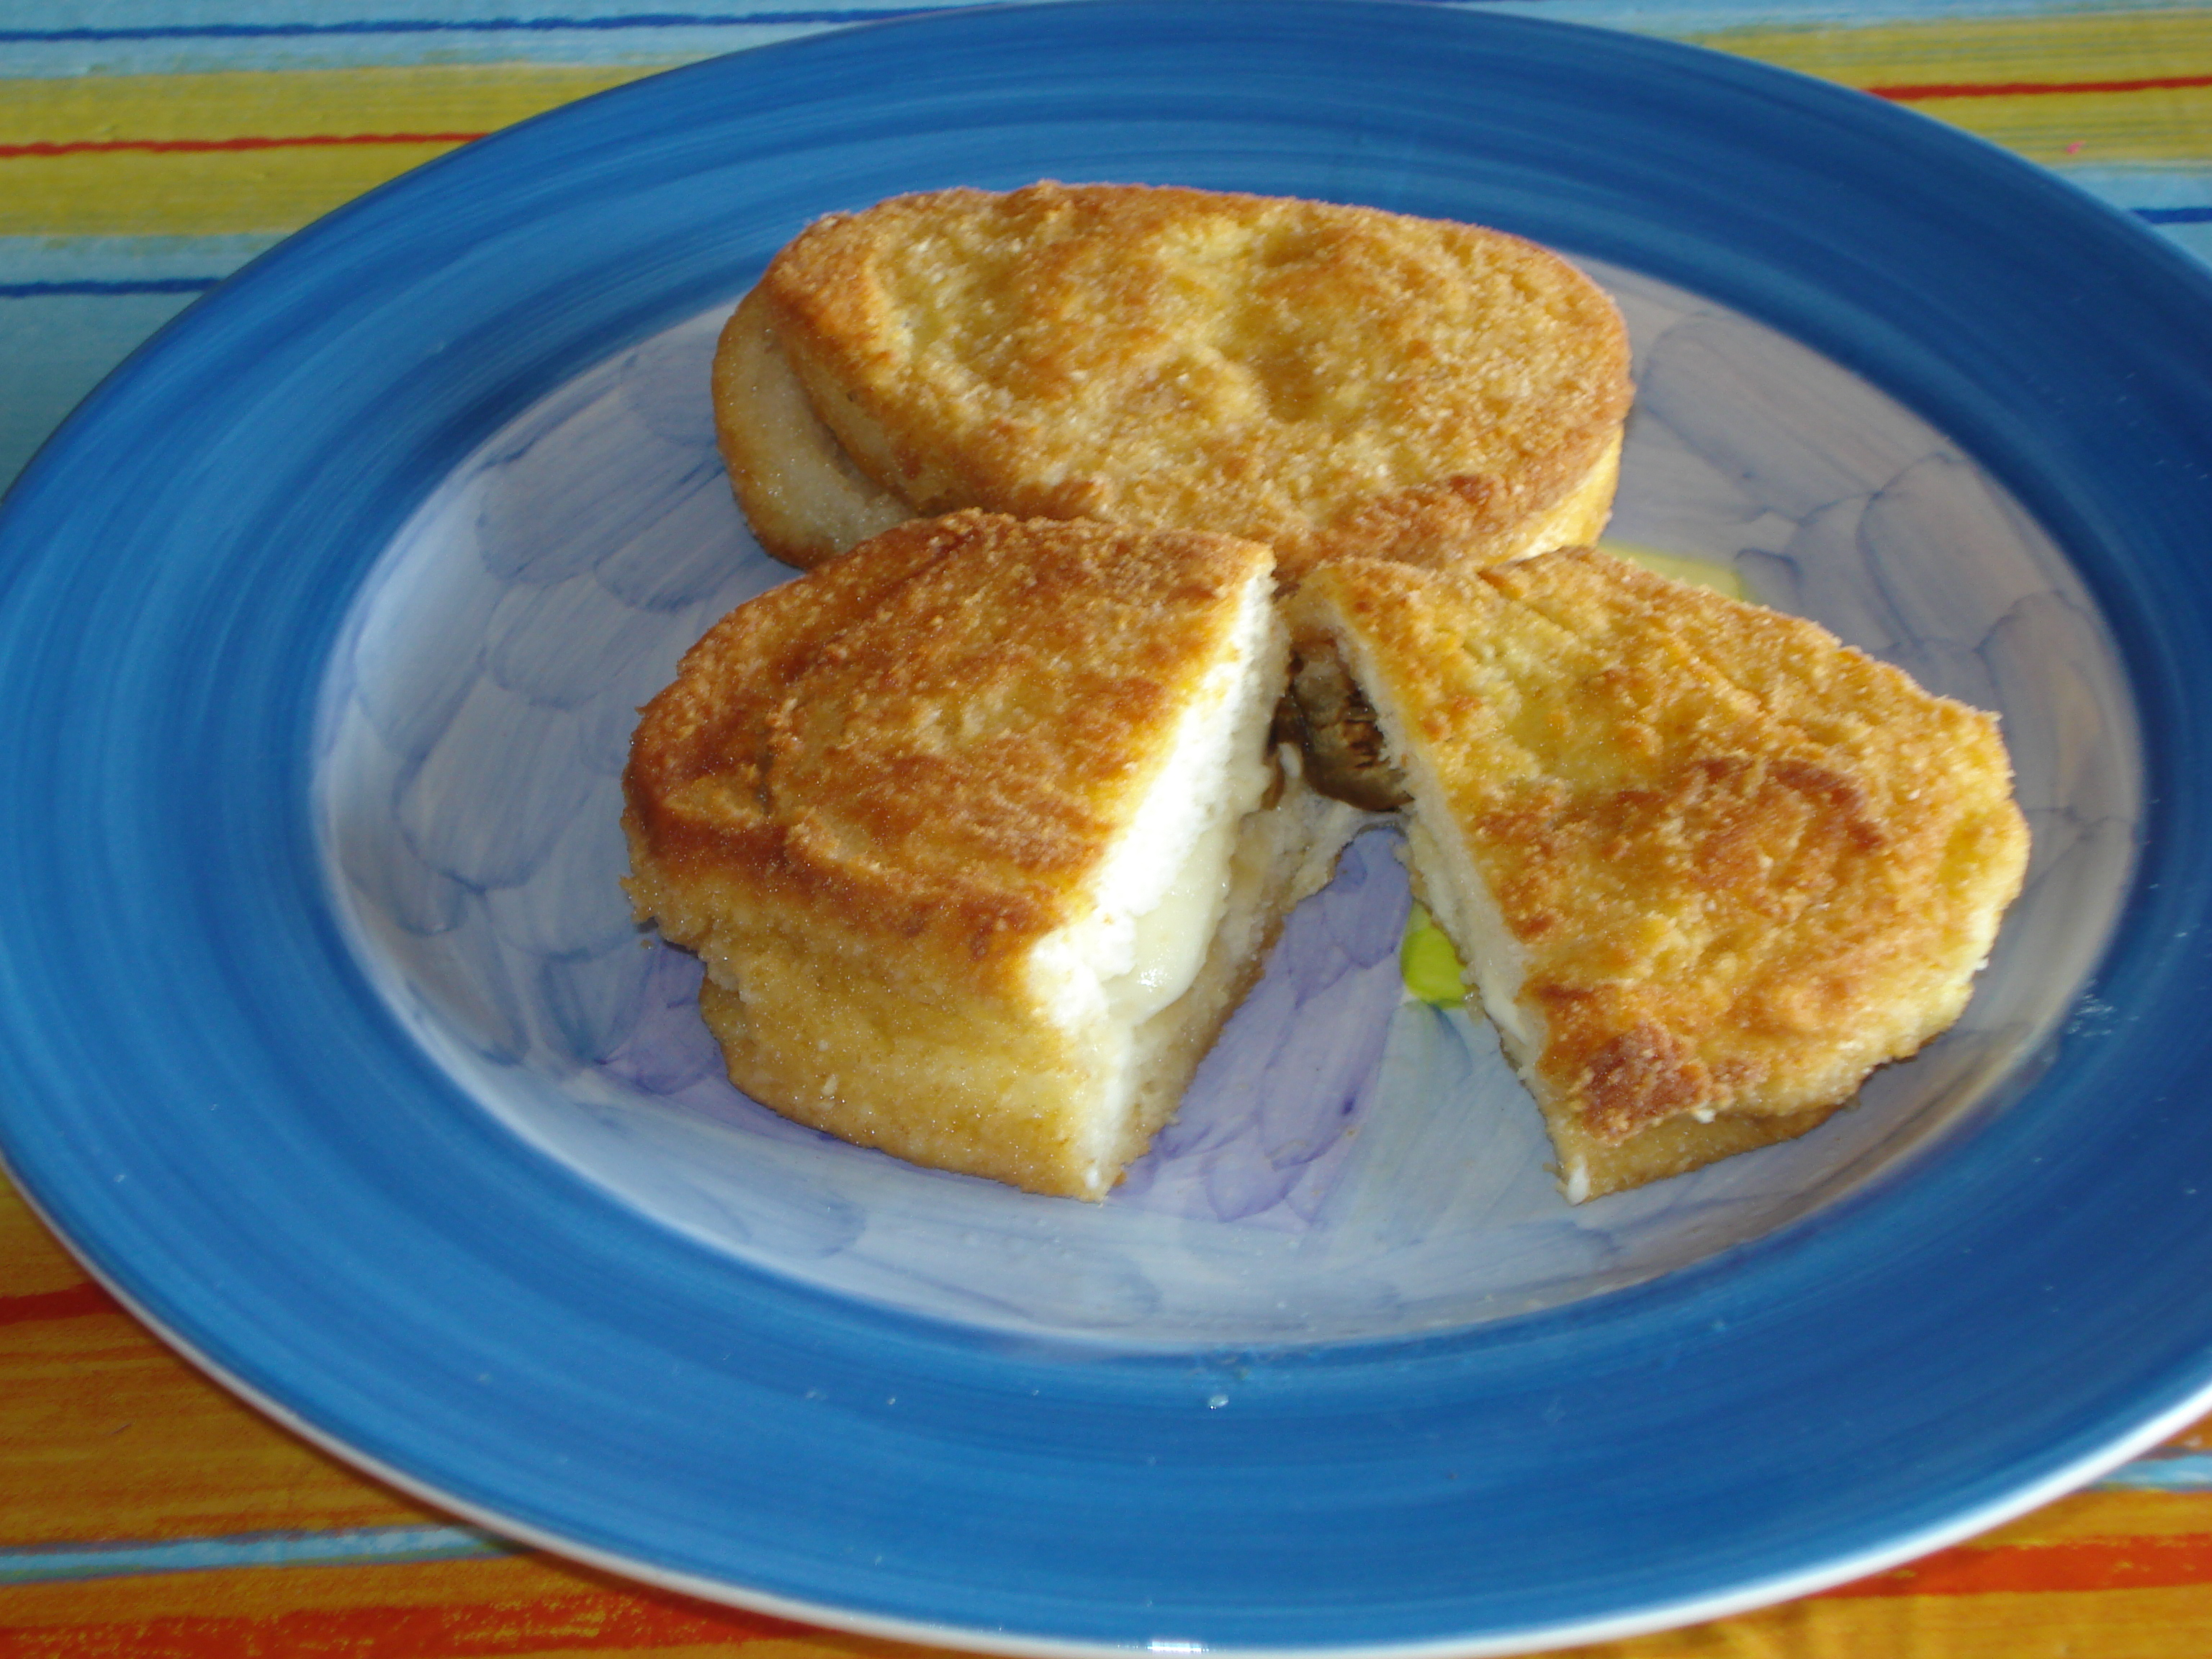 La cucina degli avanzi - ricette napoletane